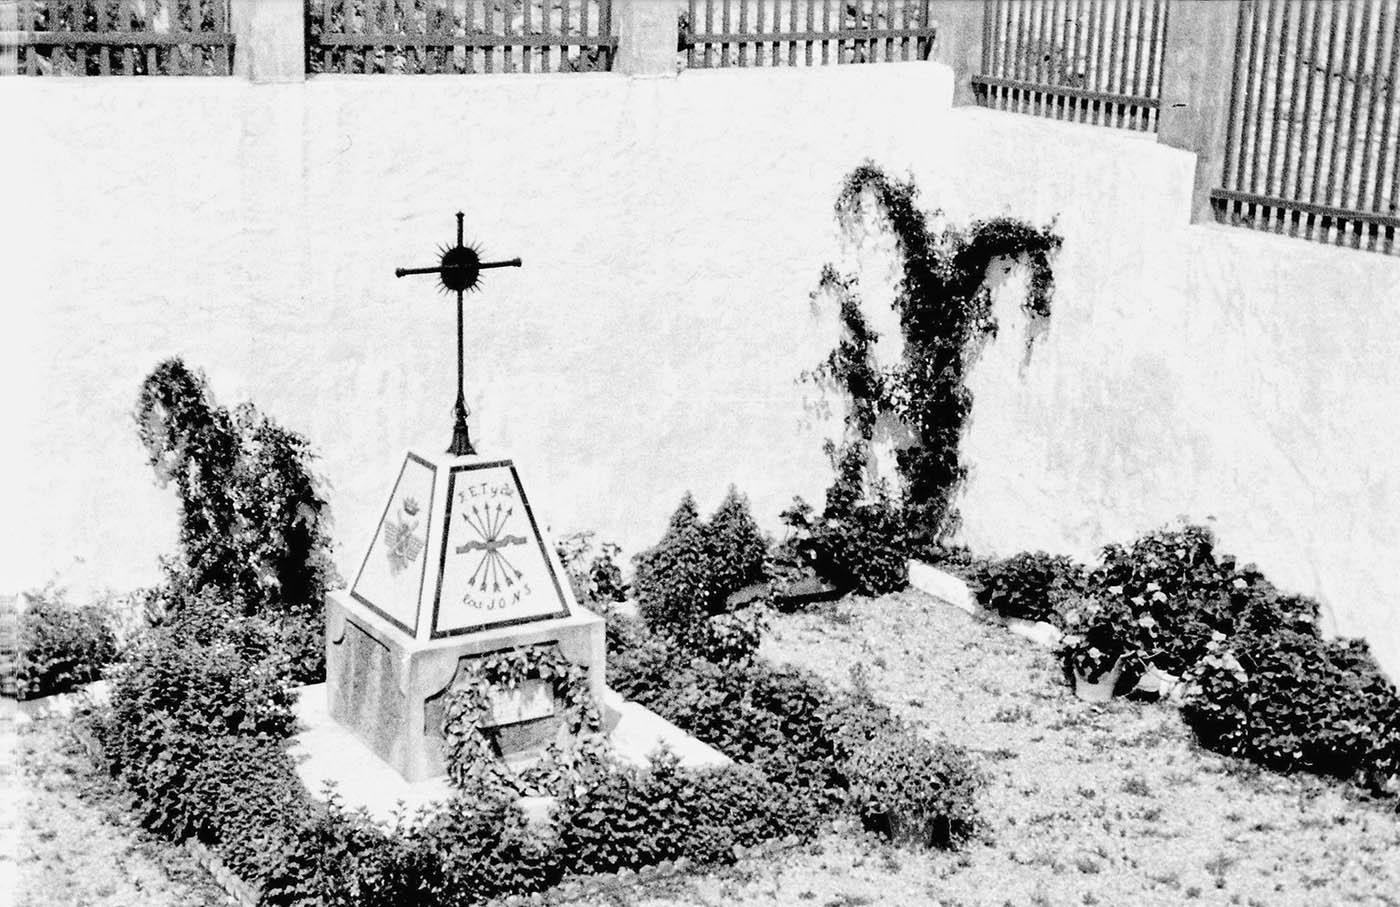 Patio de la Falange (Casares), década de 1960 (Fotografía: Hnos. Cordero)